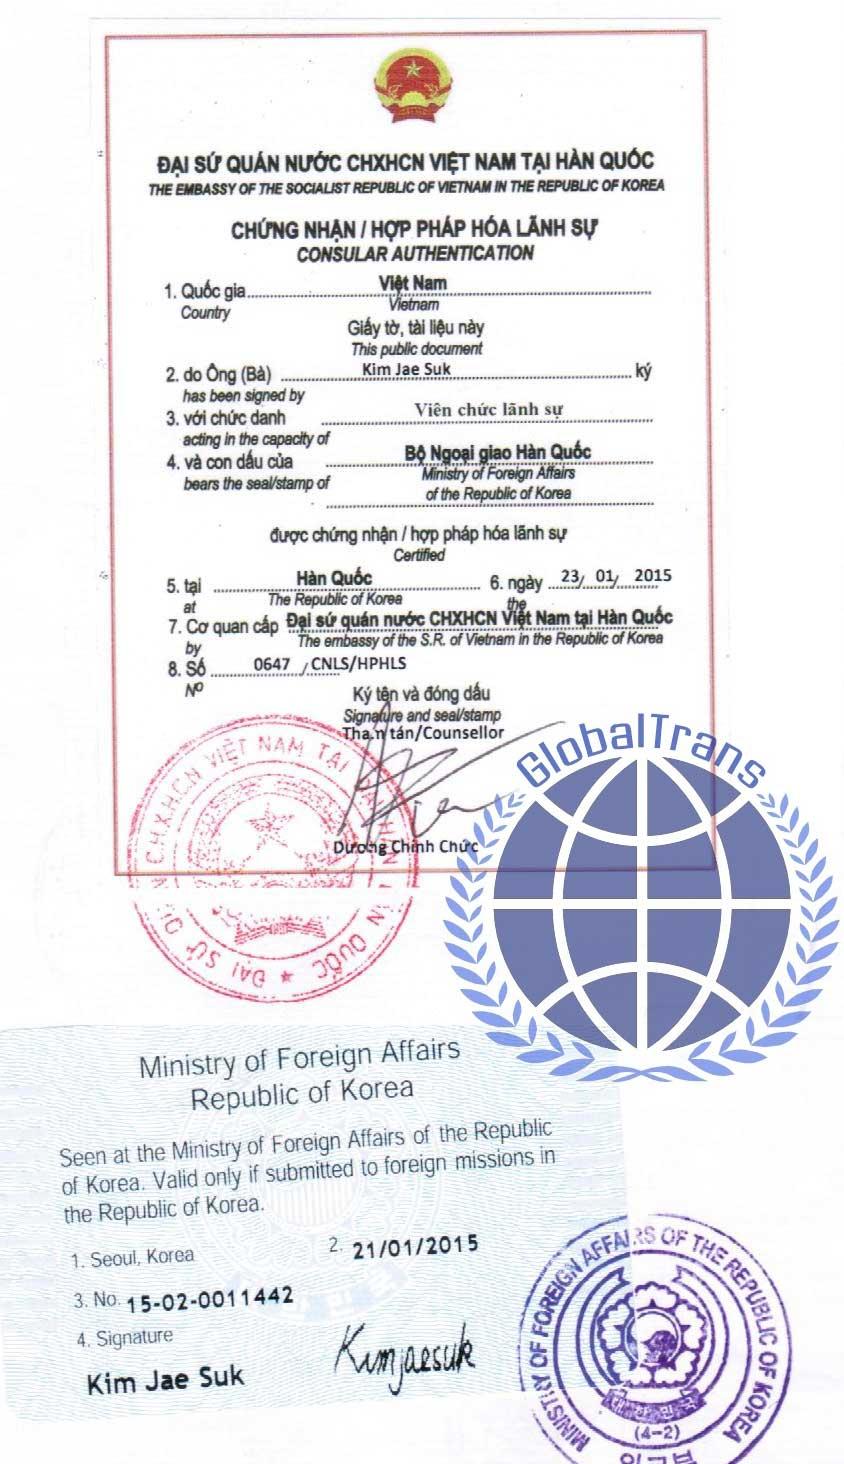 hợp pháp hóa lãnh sự nhanh tại Hà Nội